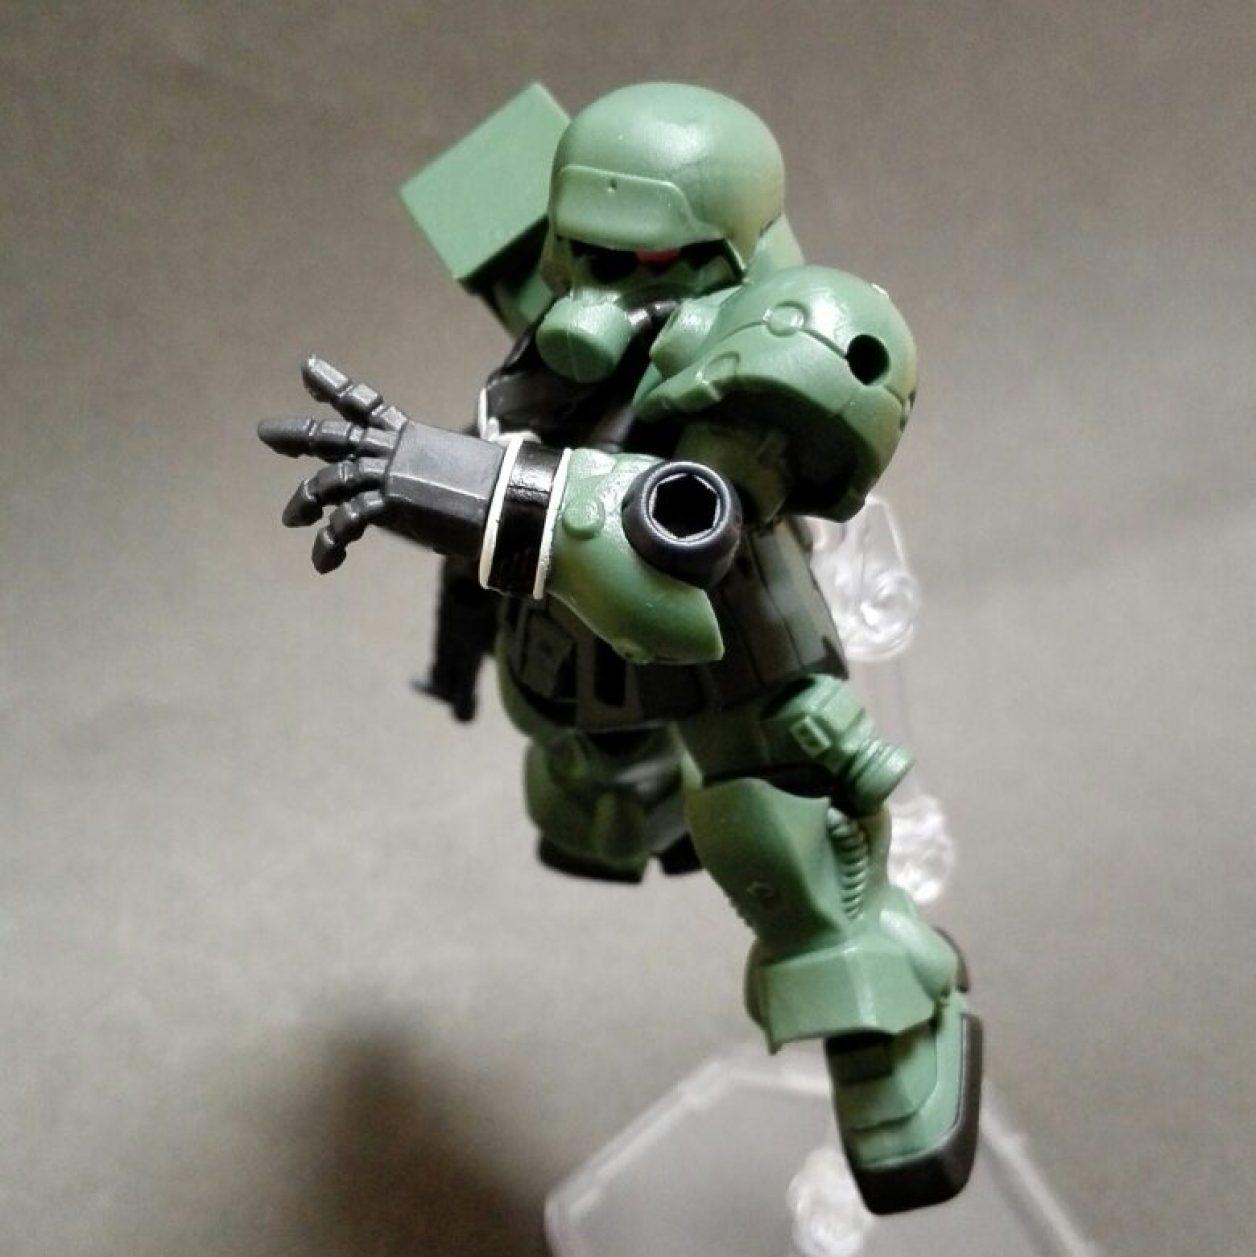 MOBILE SUIT ENSEMBLE(モビルスーツアンサンブル)第10弾のギラ・ズールにビーム・マシンガンとシールドを装備させてポージングさせた画像